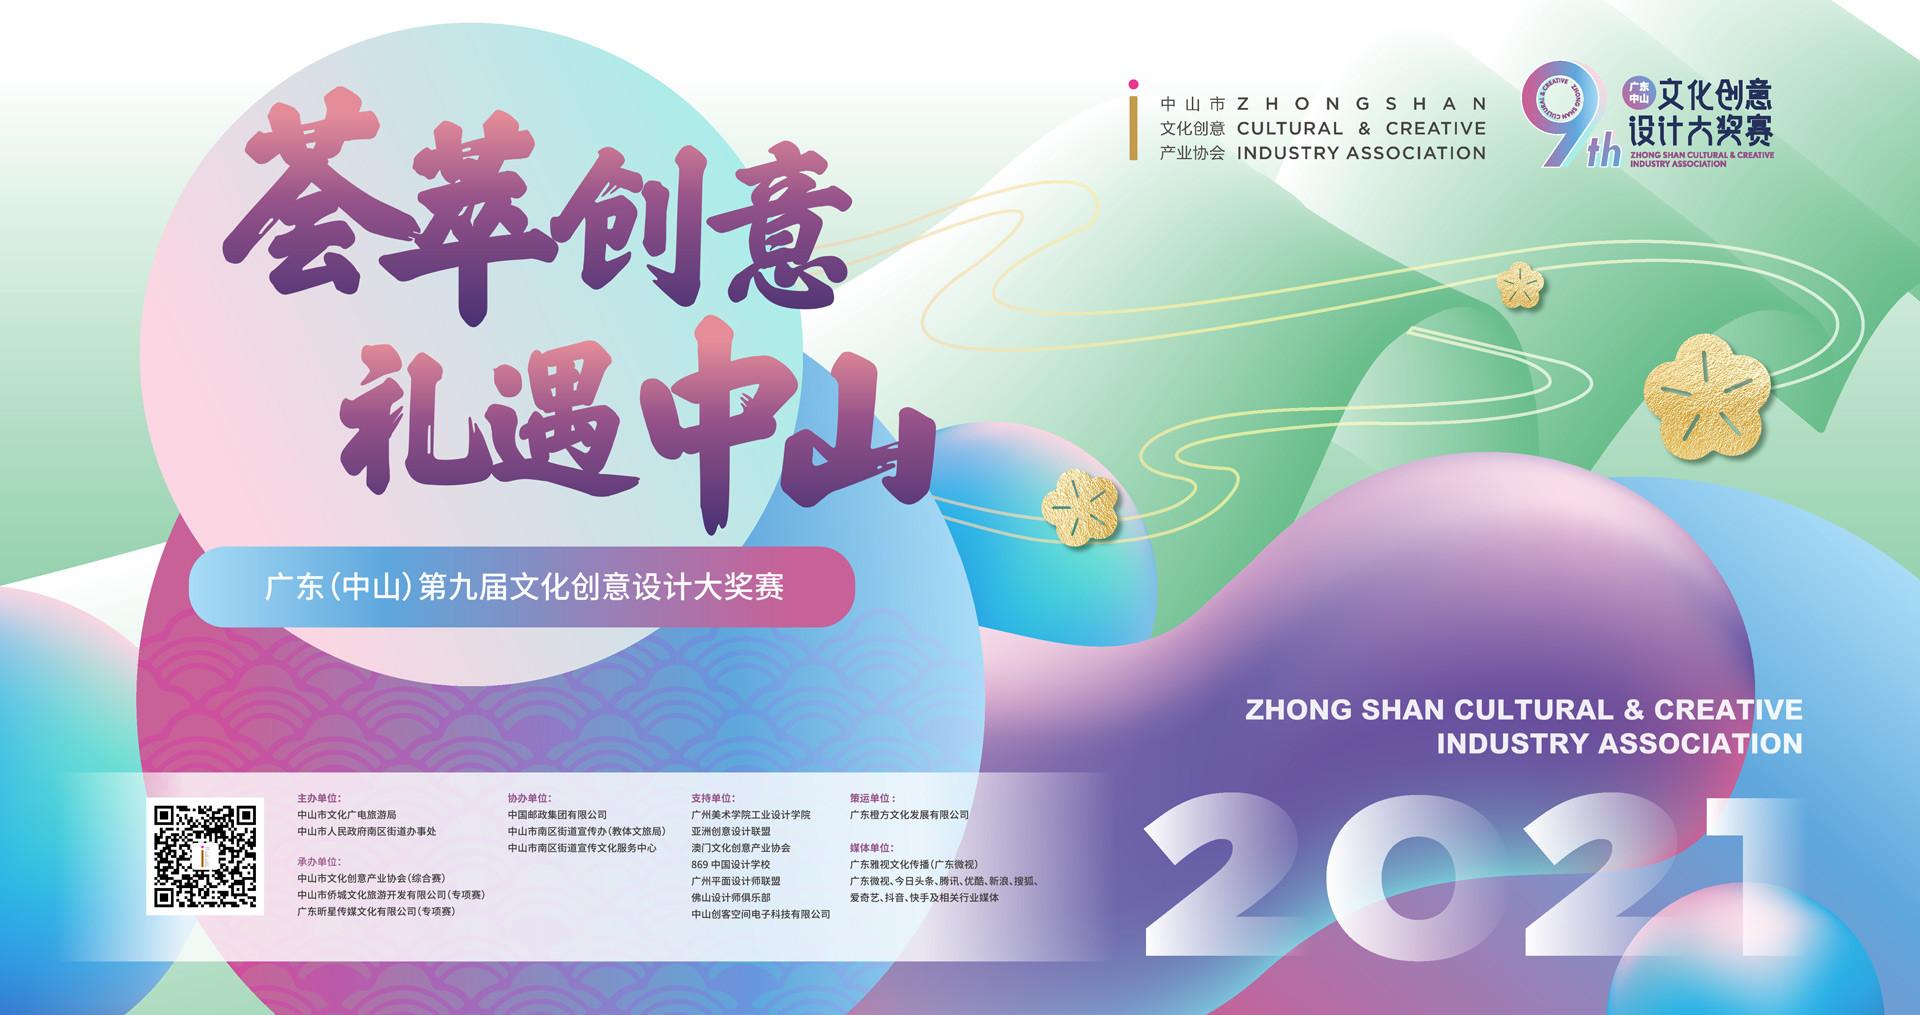 """广东(中山)第九届文化创意设计大奖赛—— """"荟萃创意,礼遇中山""""2021文旅产品设计大赛正式启动"""